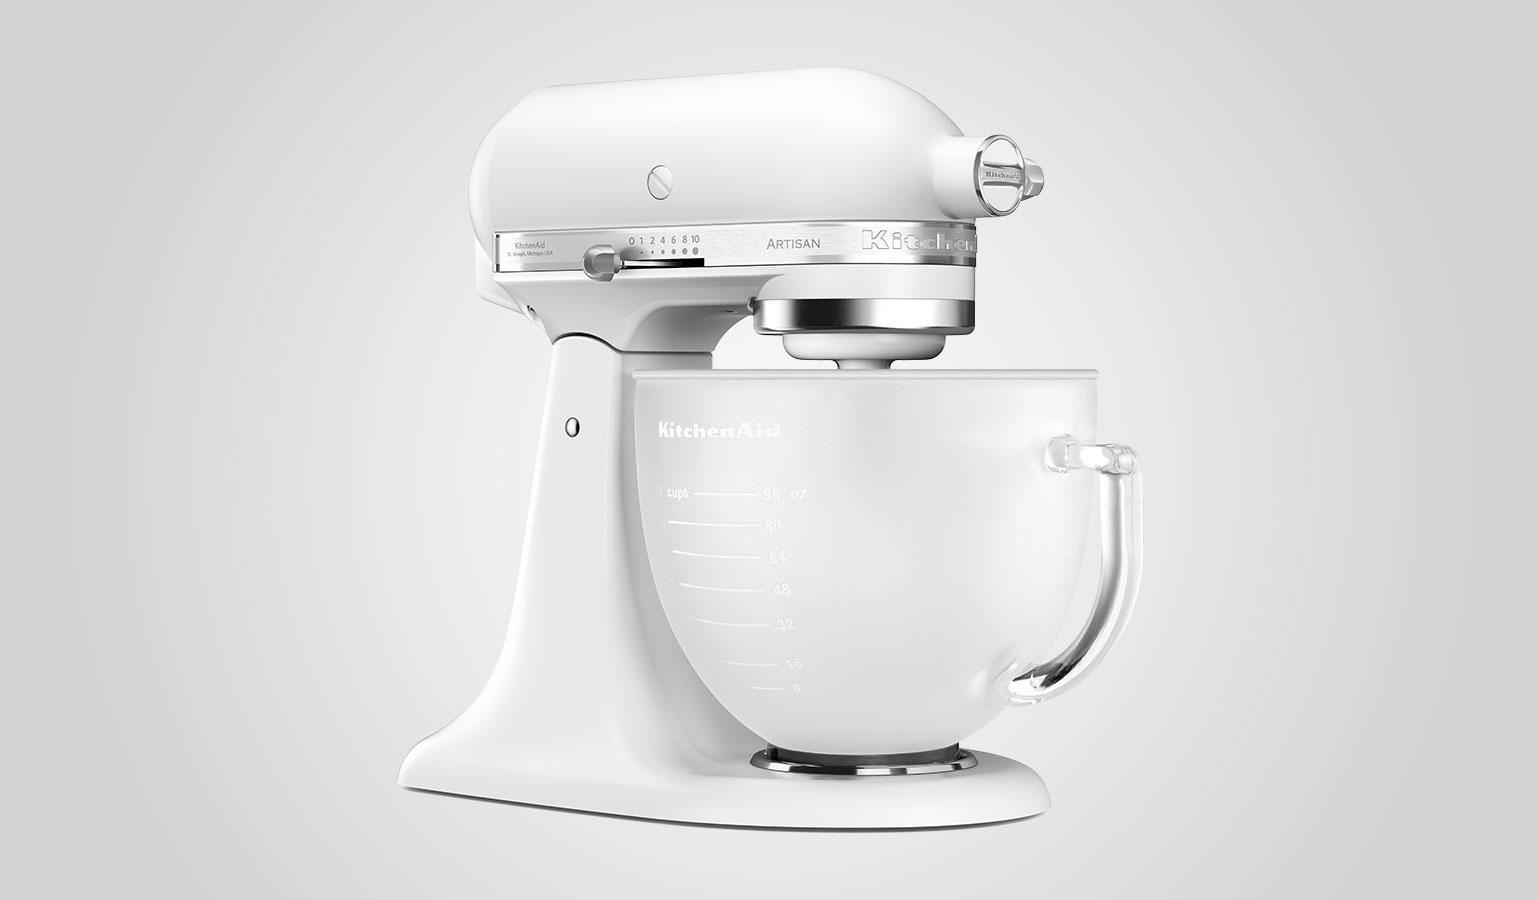 Robot da cucina piccoli elettrodomestici sito - Robot da cucina delonghi ...